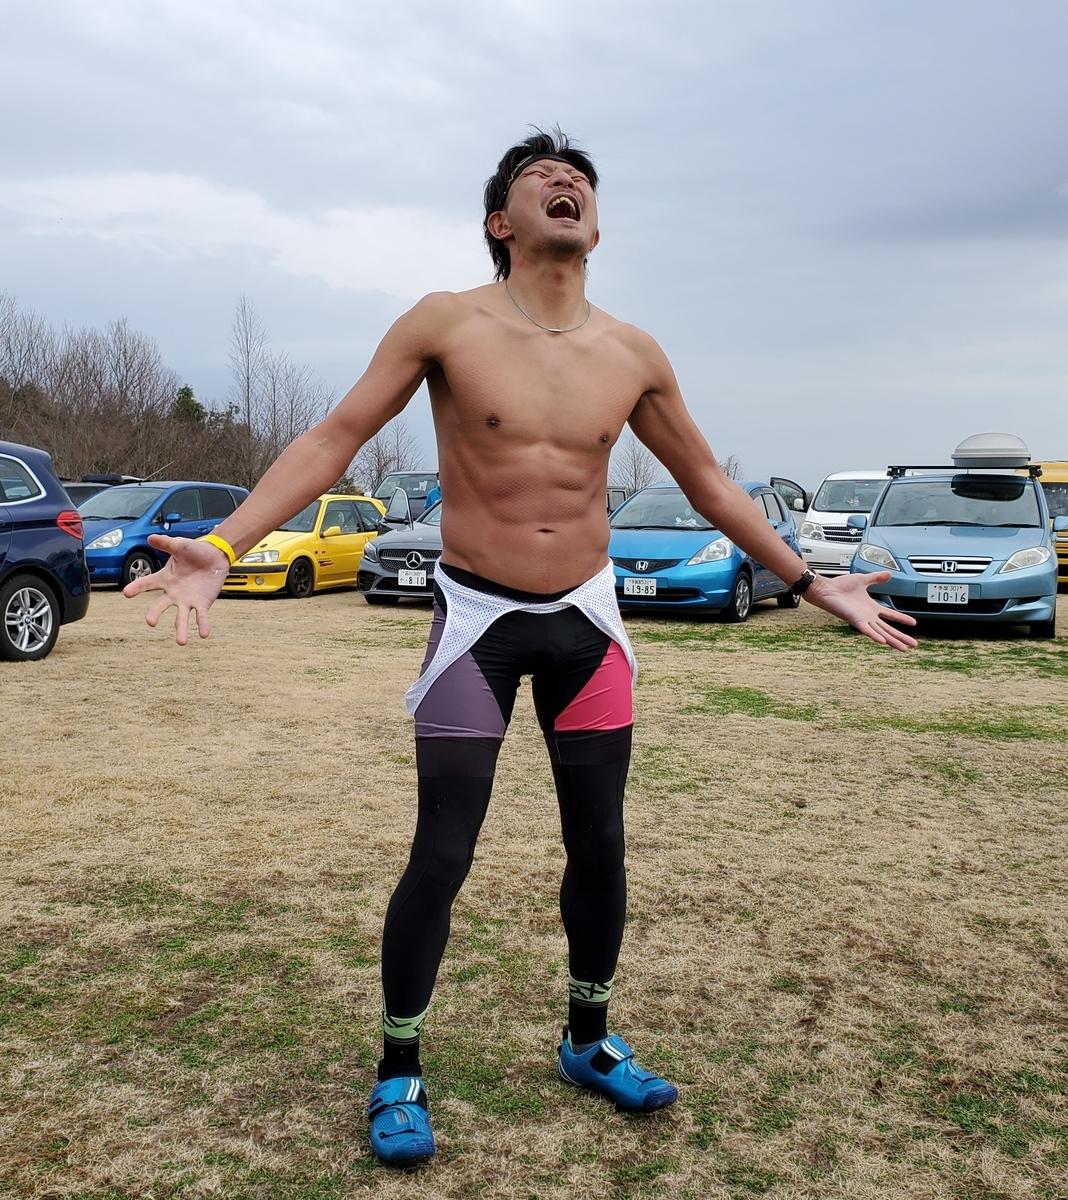 f:id:triathlon_runbikeswim:20210321225335j:plain